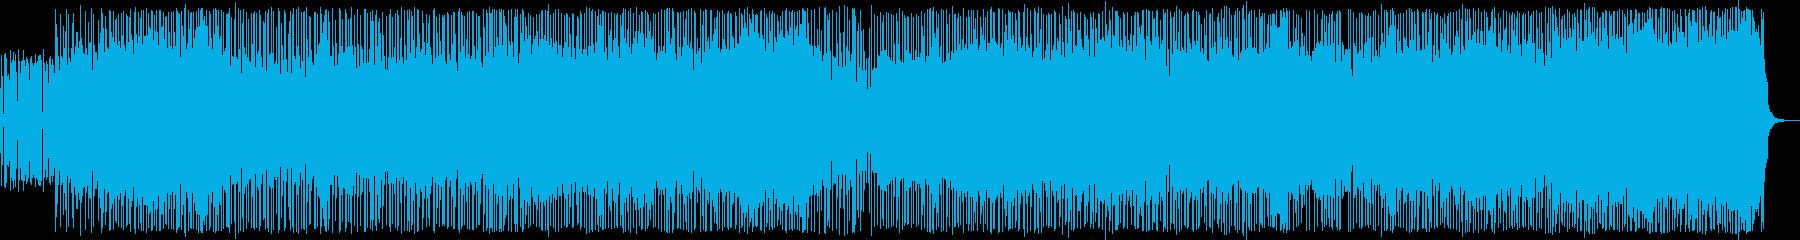 明るくスピード感のあるポップスの再生済みの波形